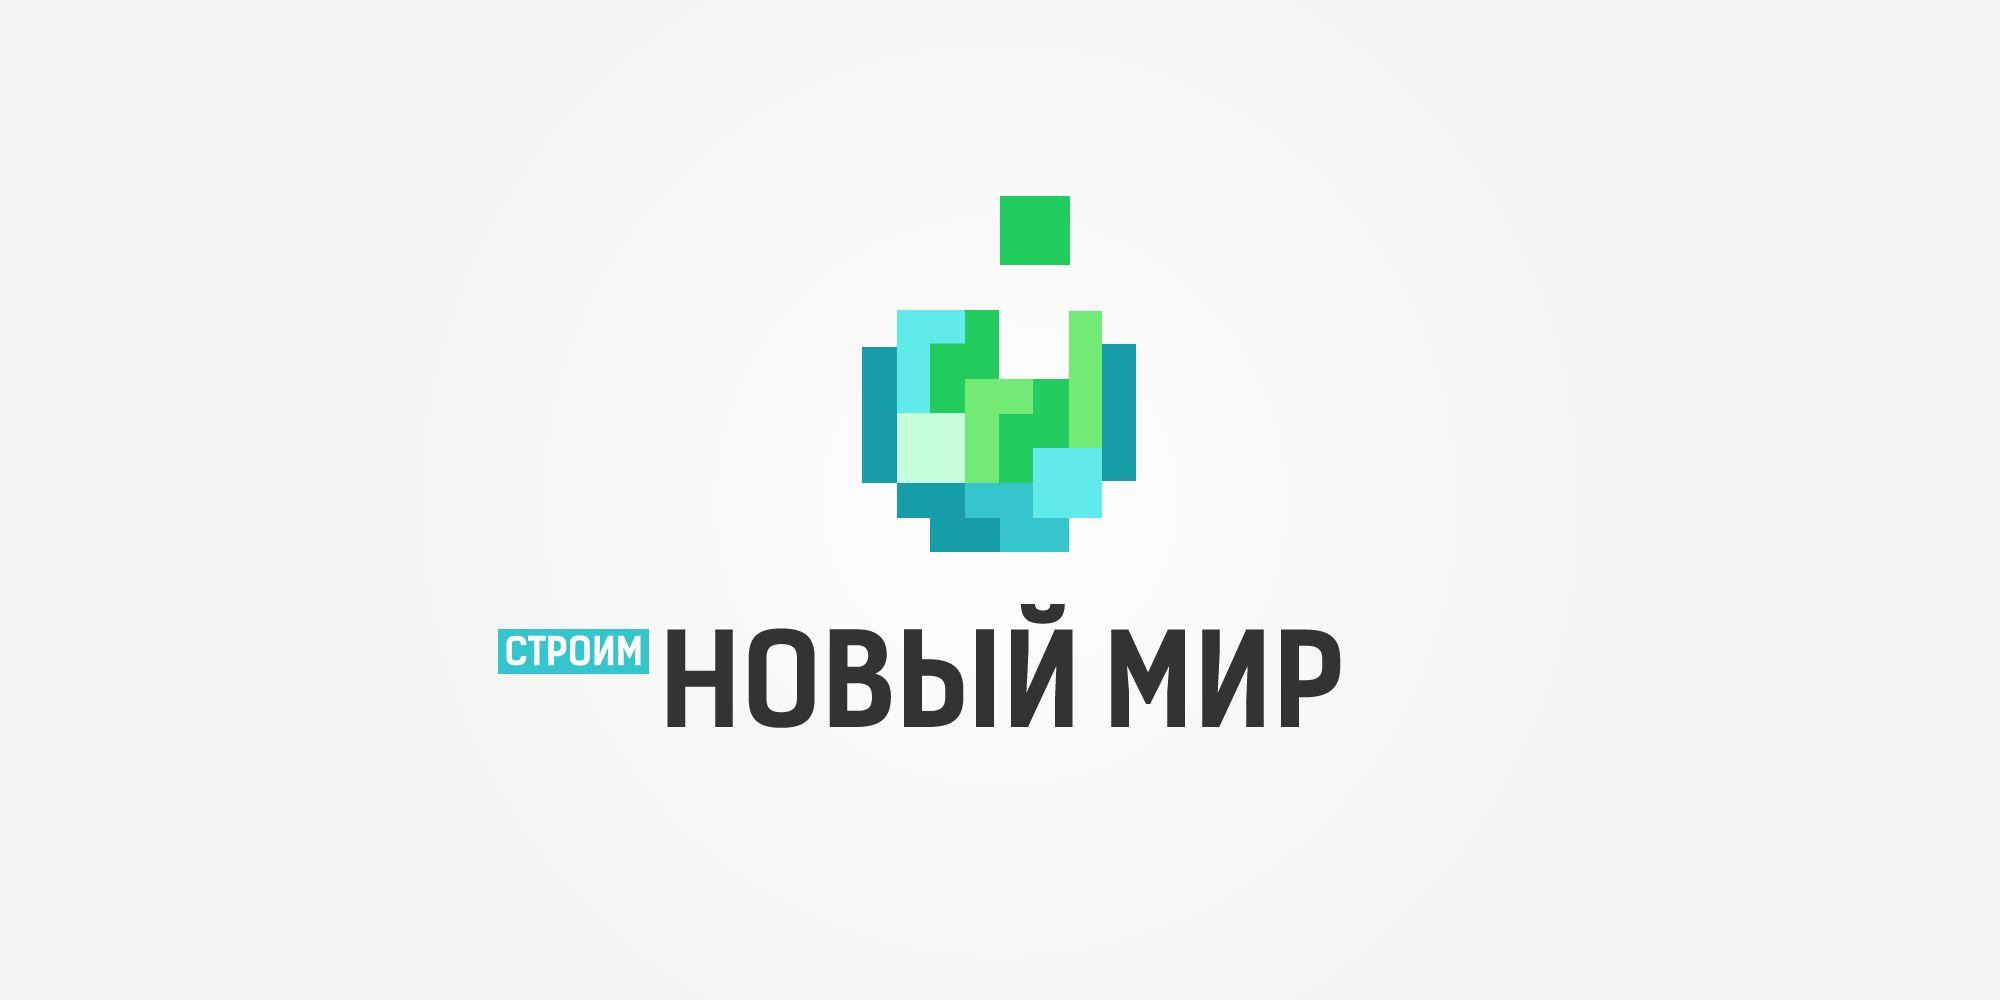 Логотип для строительной компании - дизайнер e5en